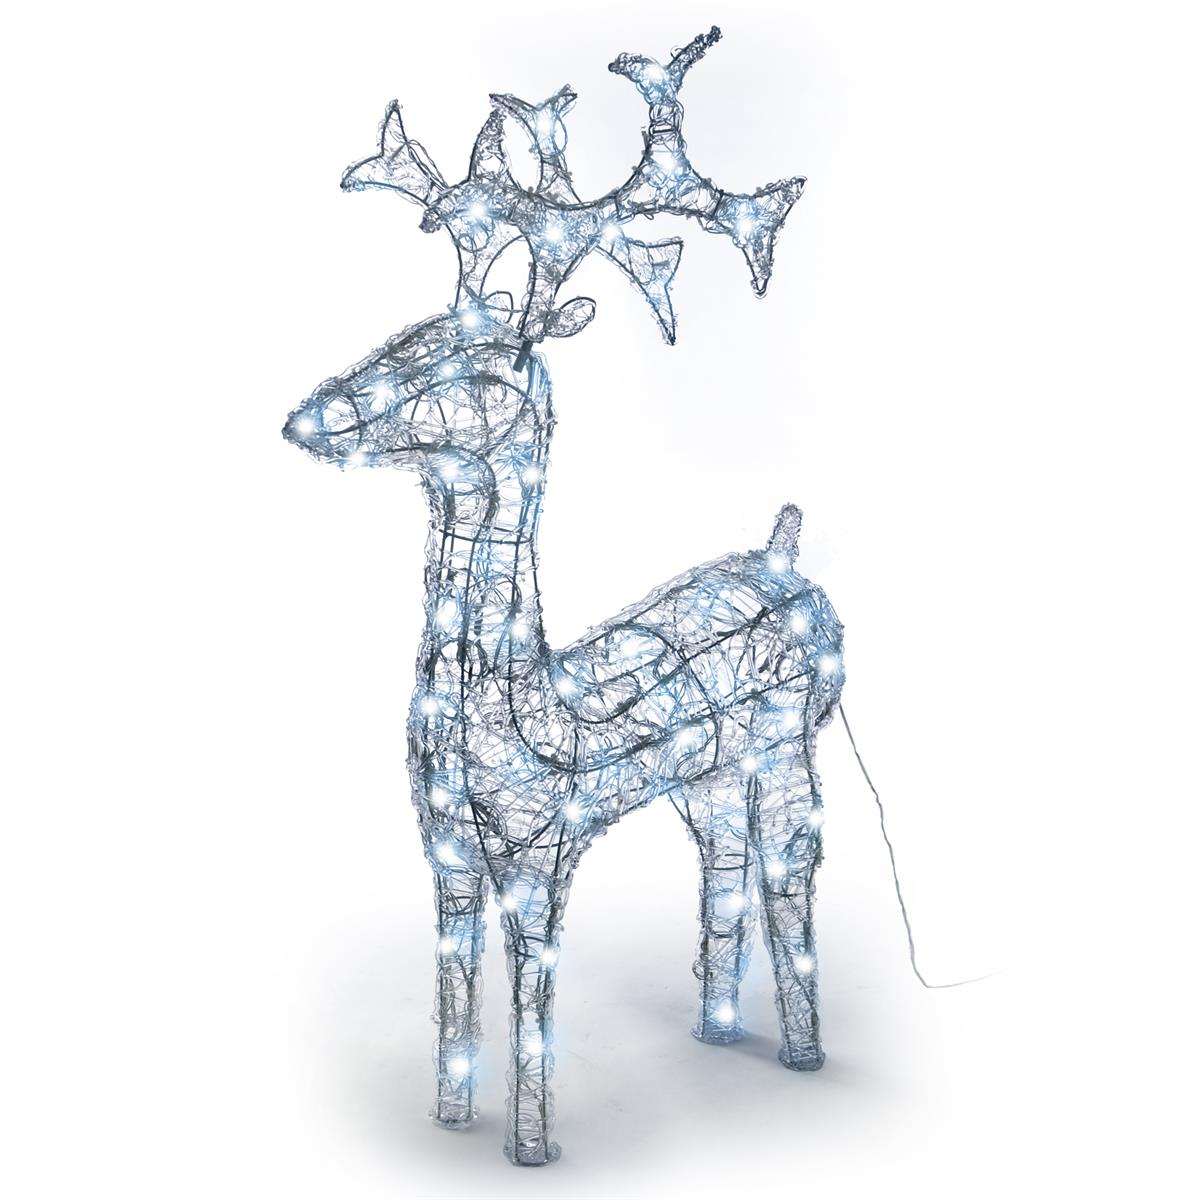 Rentier Acryl 120 LED Weihnachtsbeleuchtung Weihnachten Deko Figur 100 cm weiß